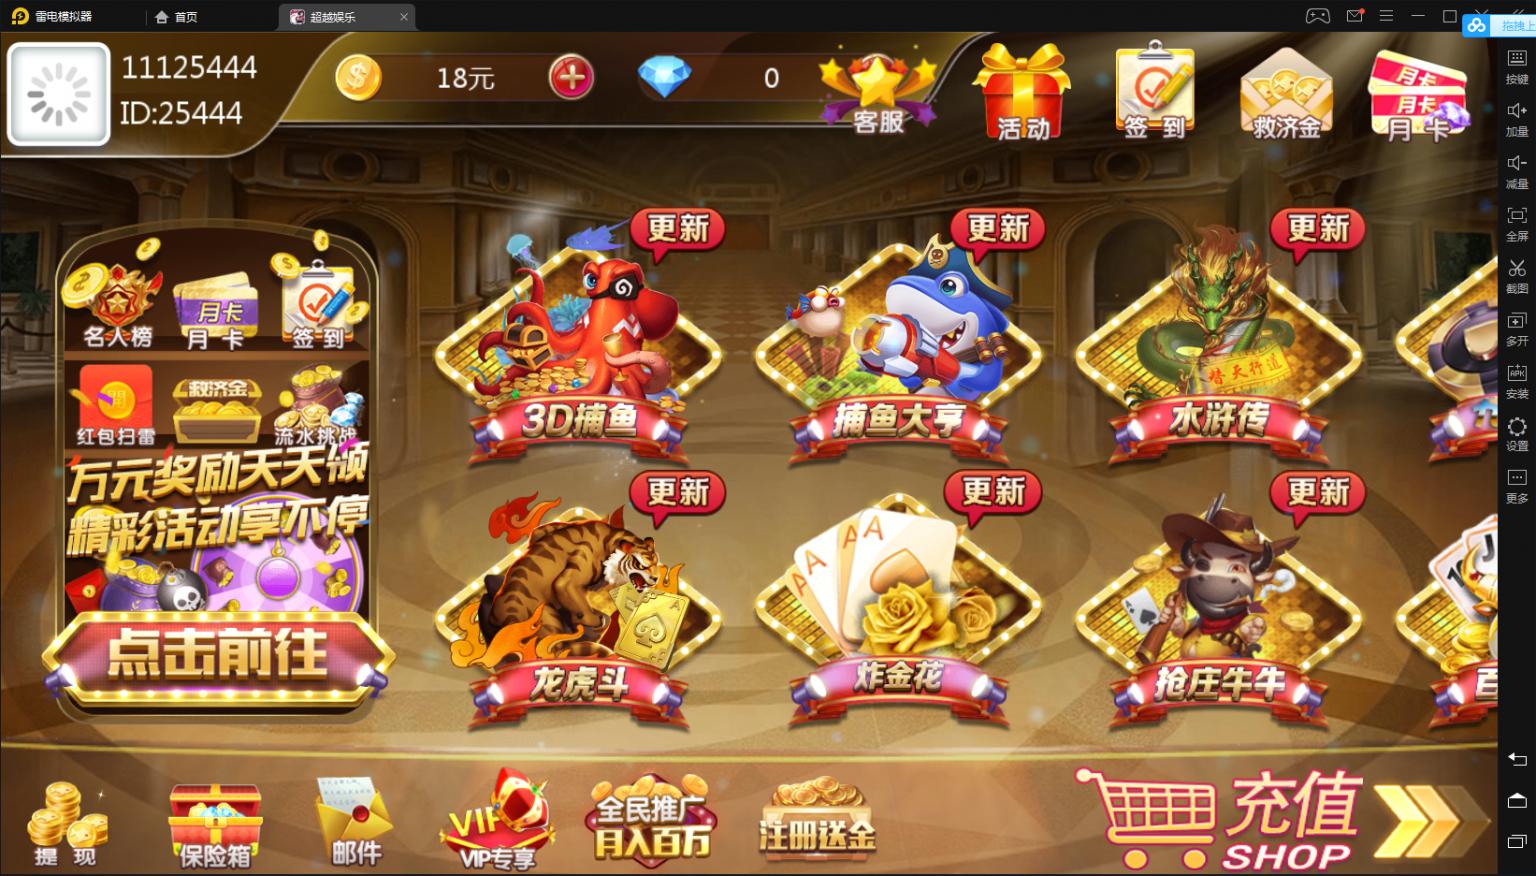 【终身免费】网狐二开超越娱乐